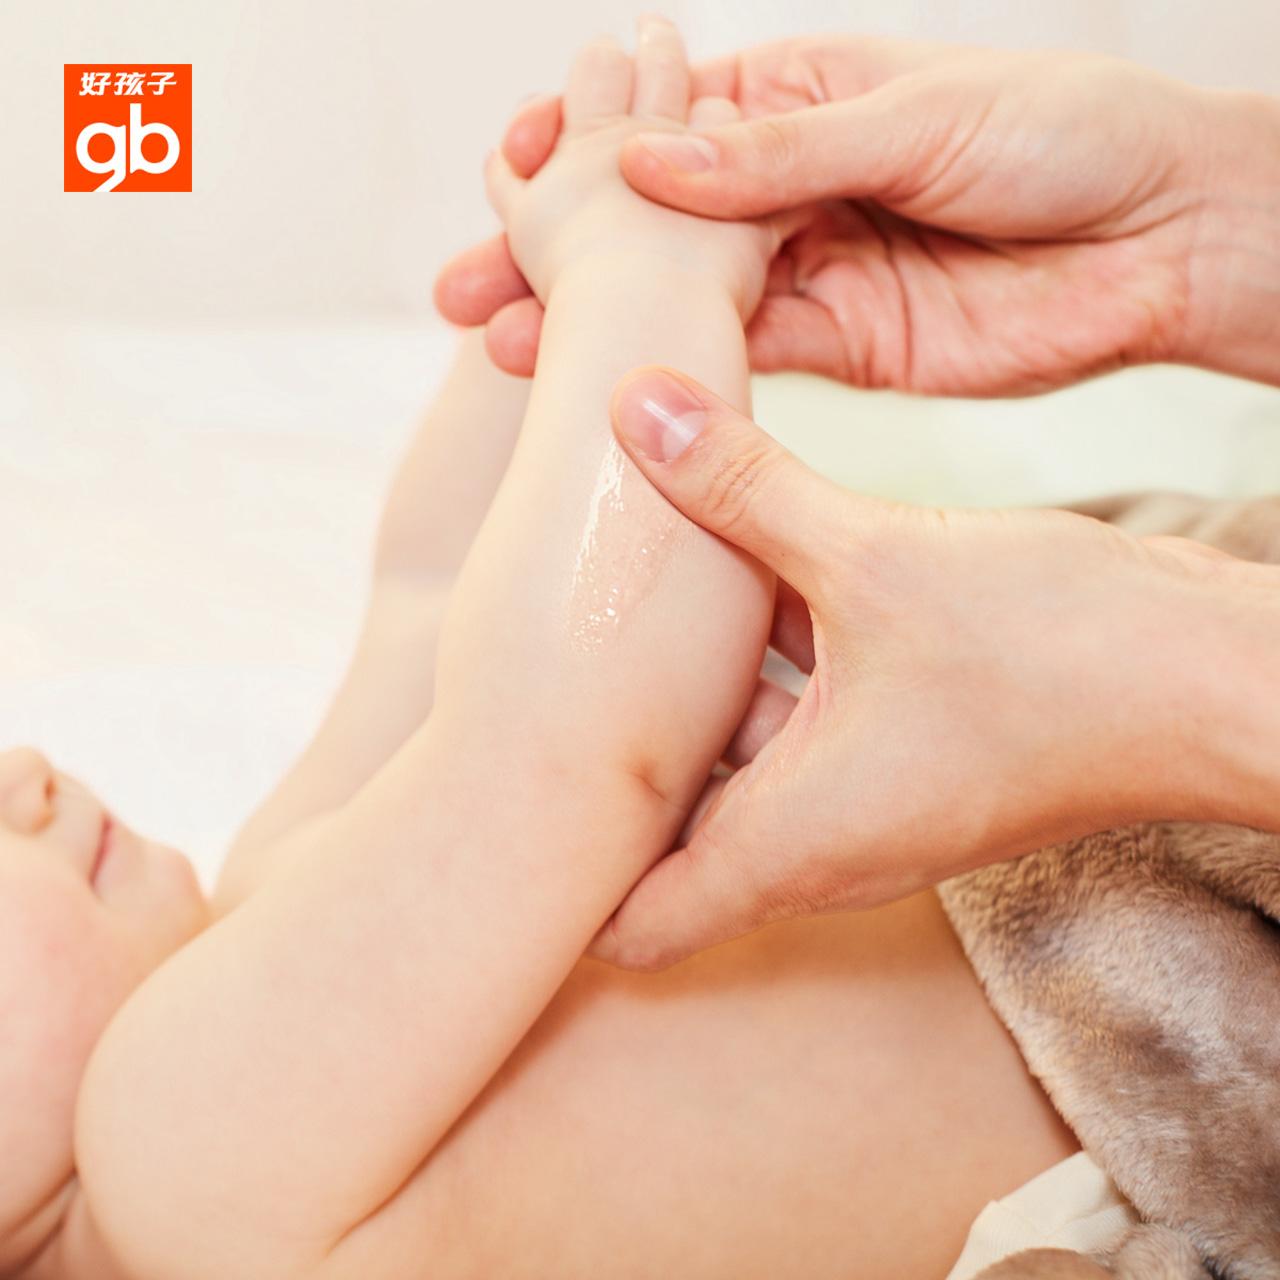 好孩子宝宝紫草膏婴儿童驱蚊虫叮咬蚊子咬滋润宝宝修护湿疹膏防蚊